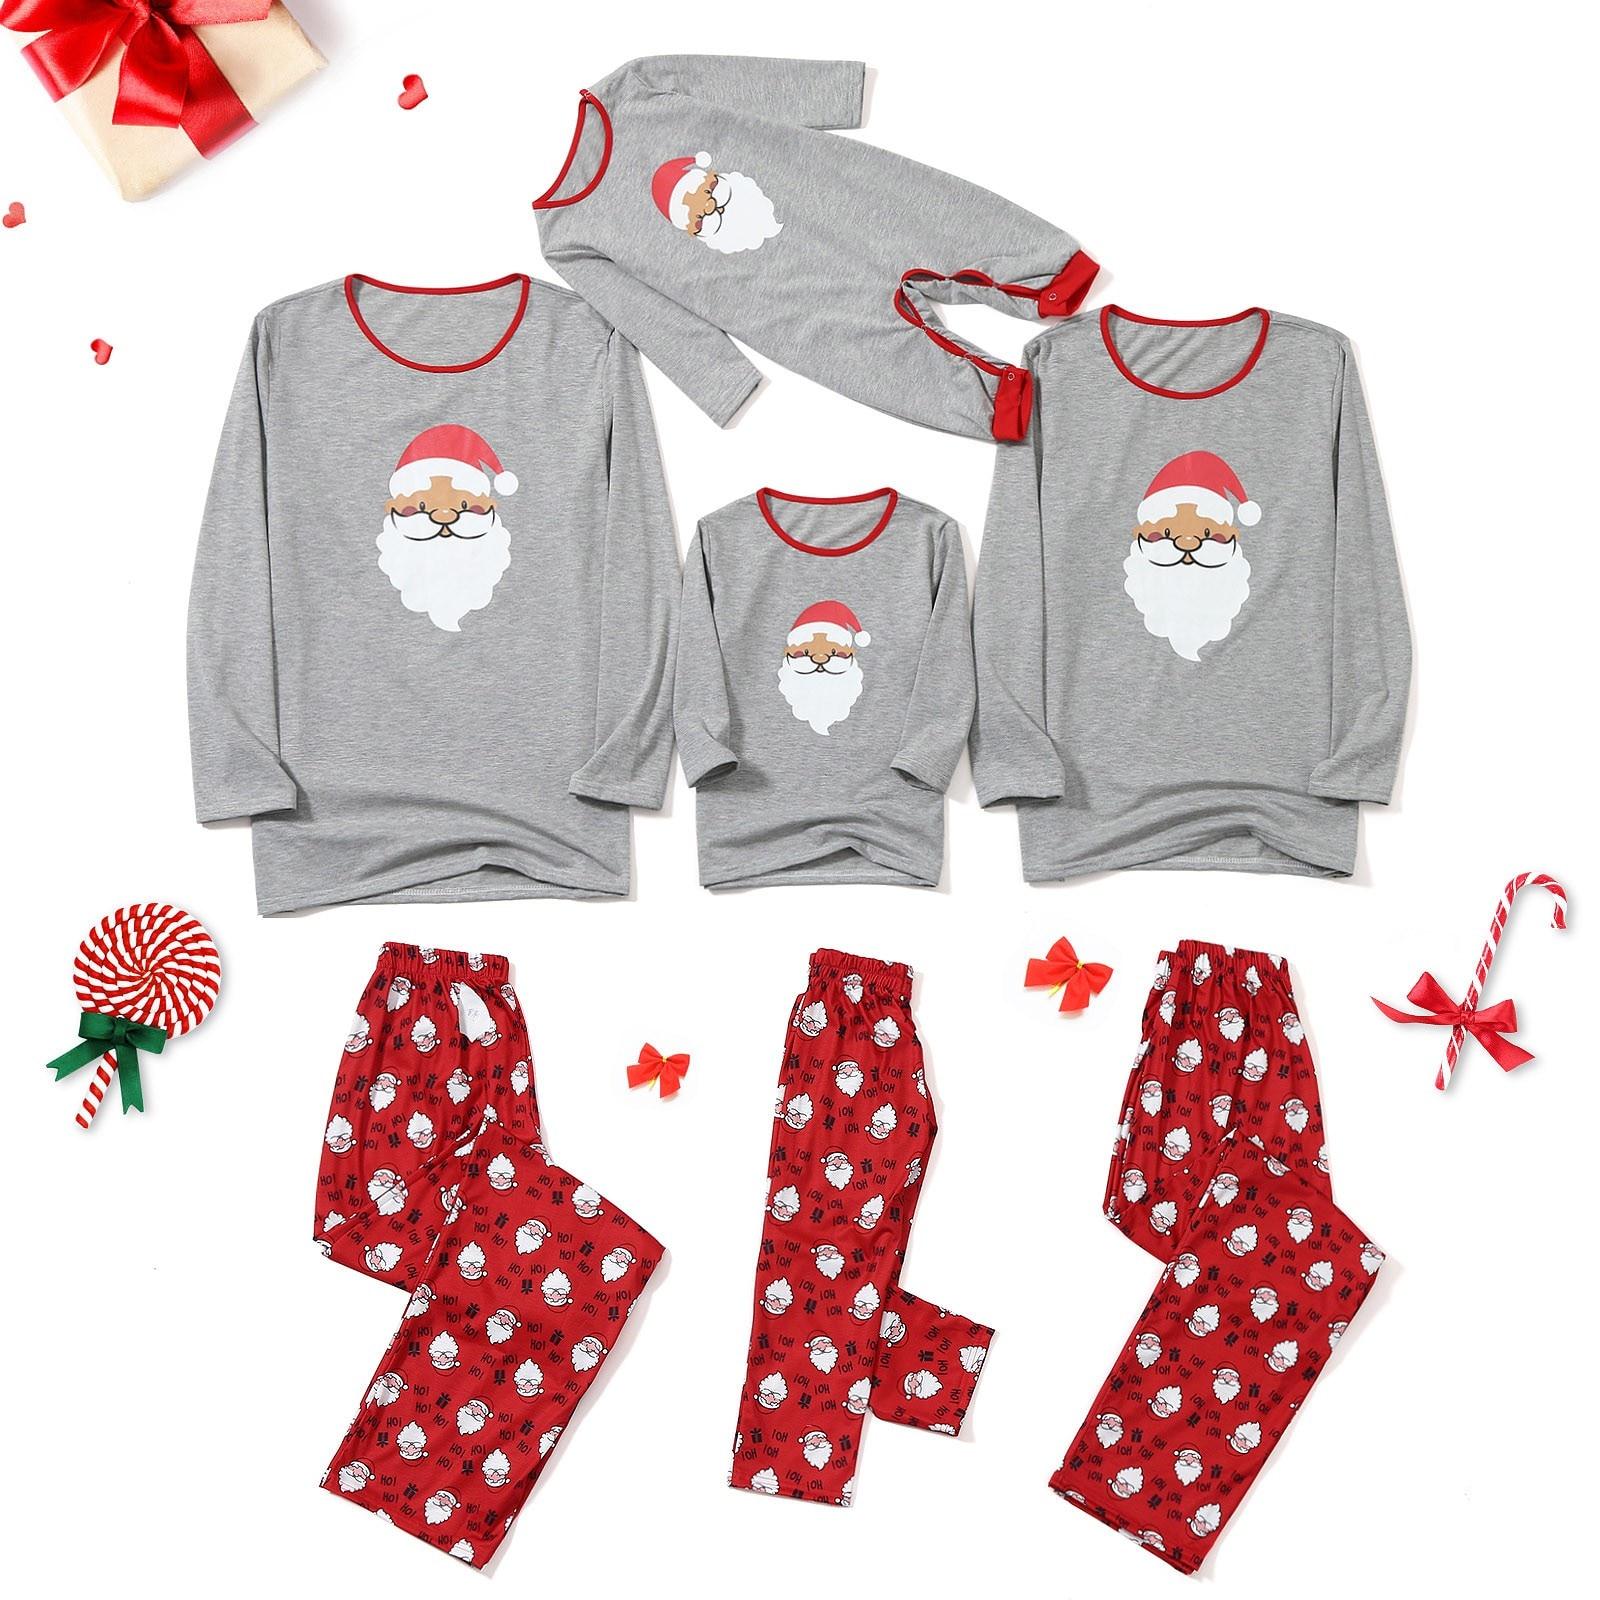 Pijamas Familiares de Papá Noel, Tops, blusa + Pantalones, ropa de dormir...